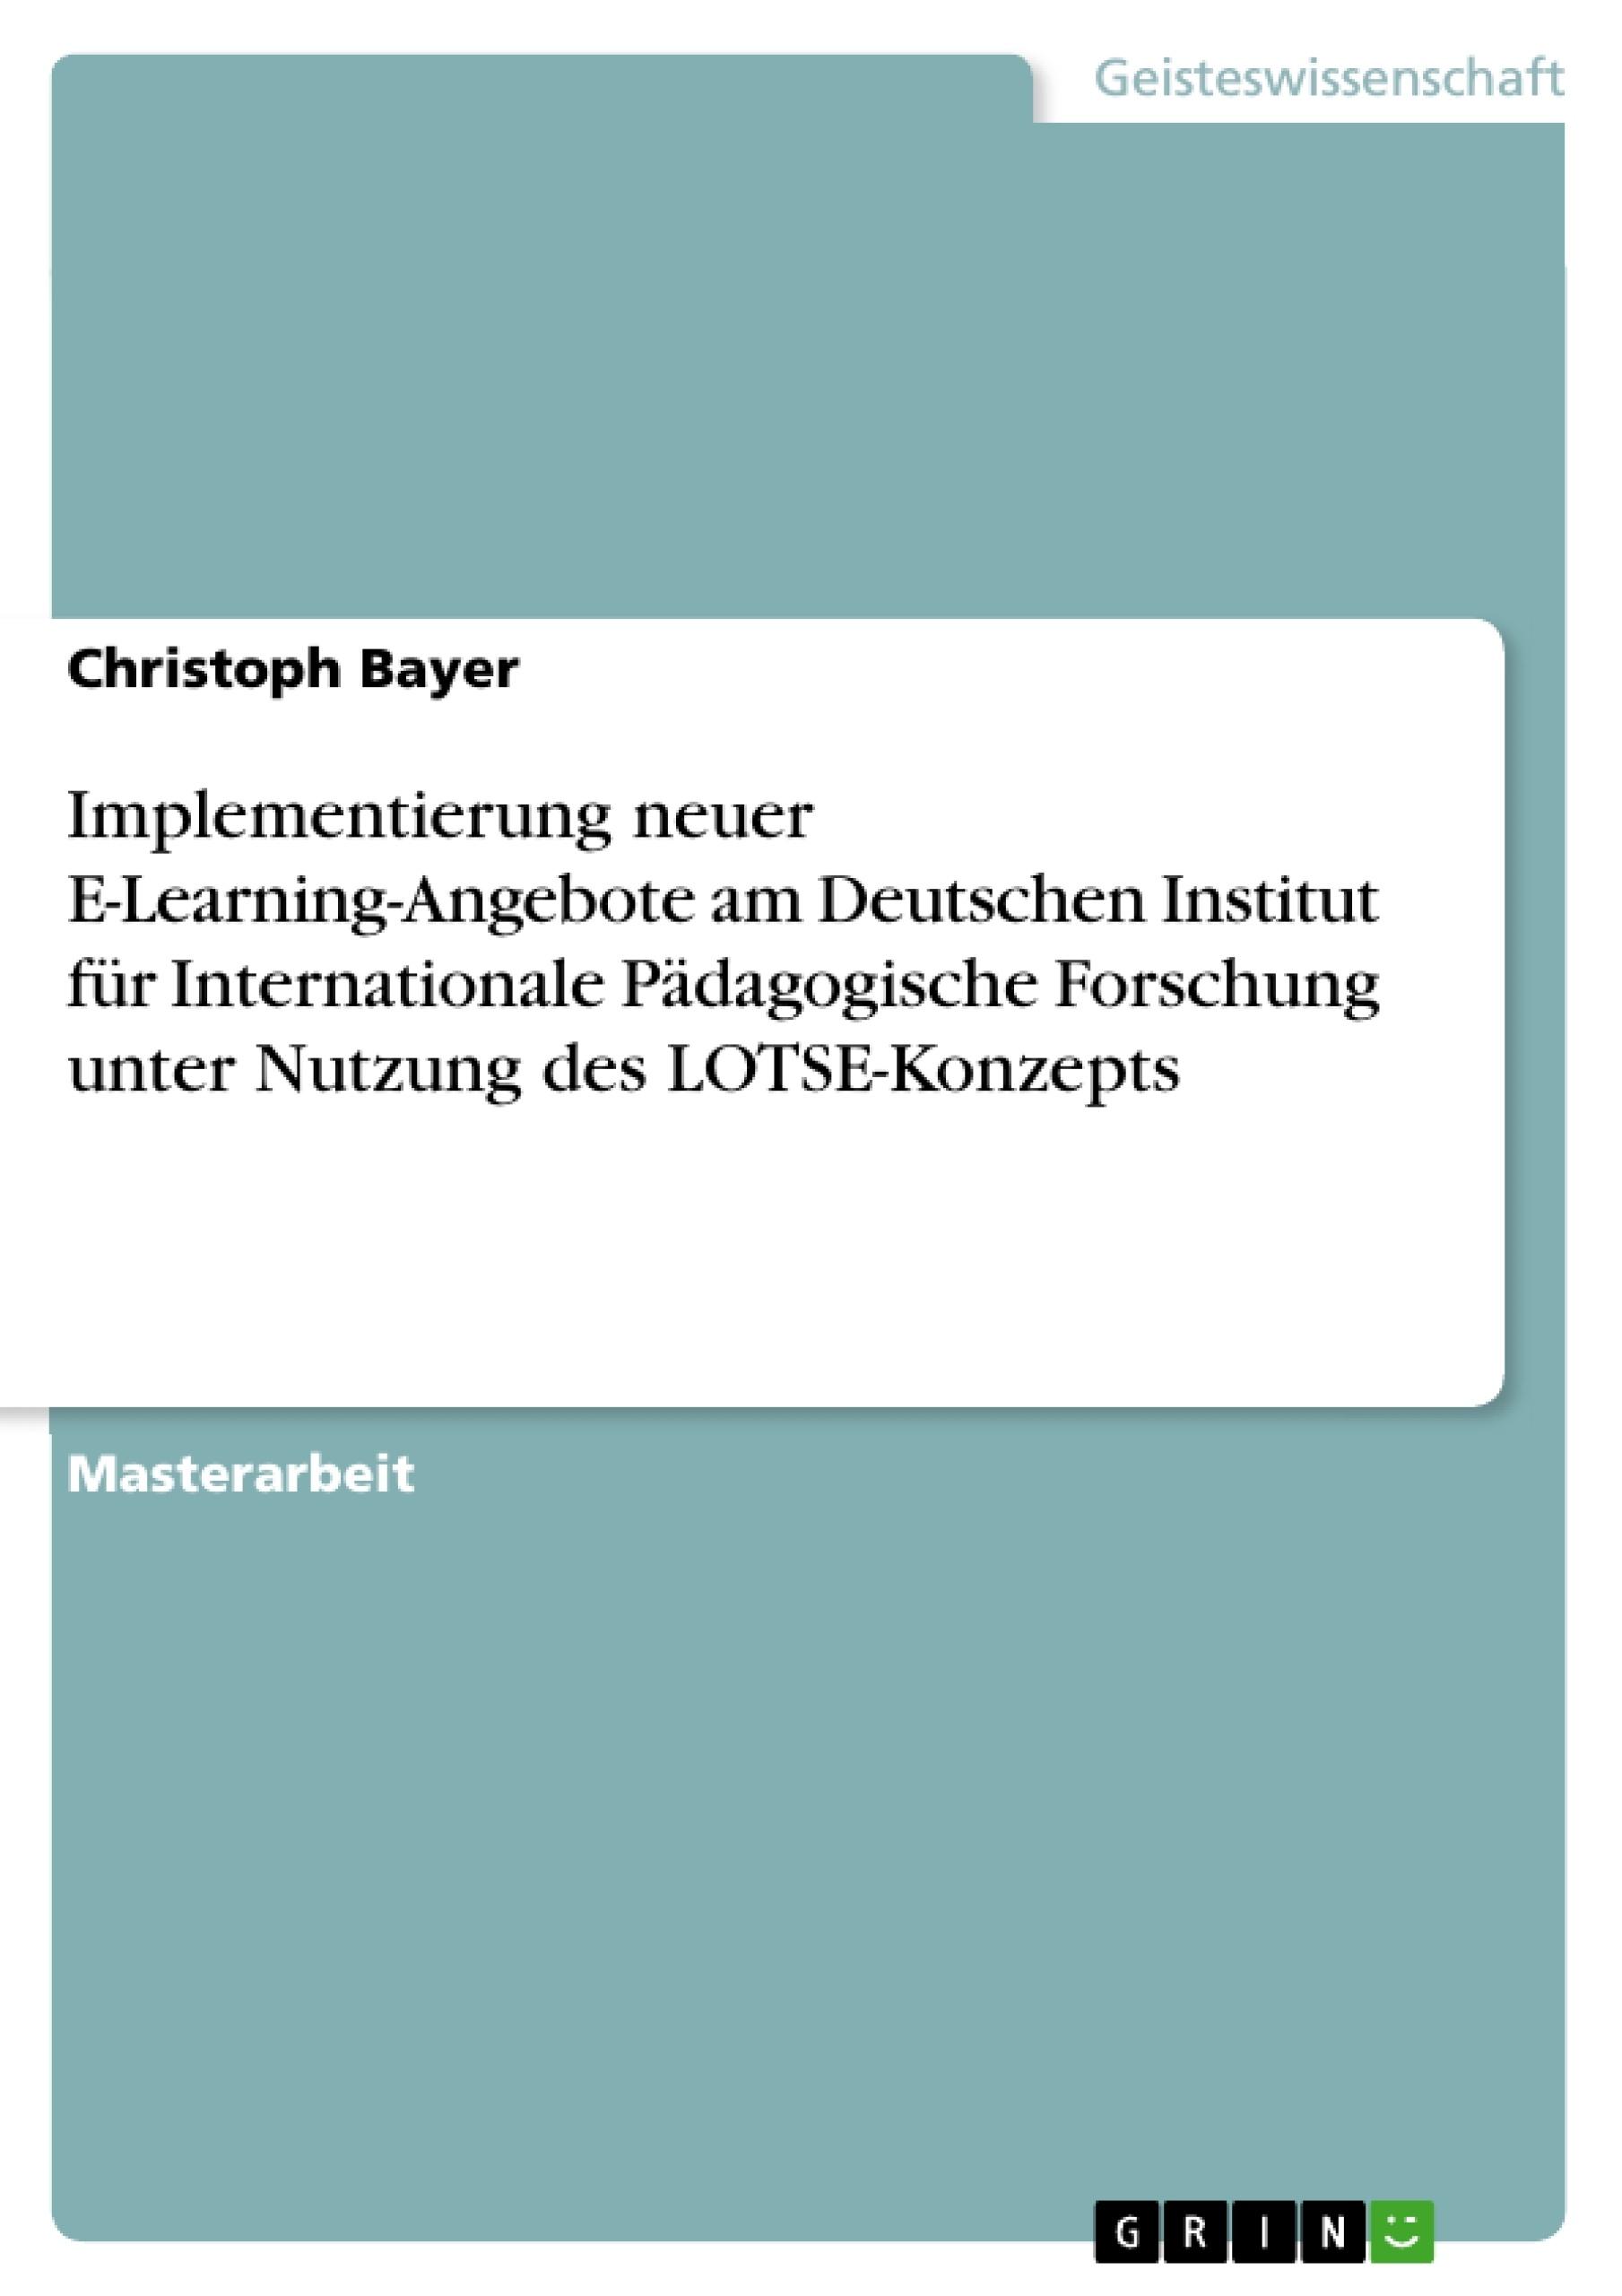 Titel: Implementierung neuer E-Learning-Angebote am Deutschen Institut für Internationale Pädagogische Forschung unter Nutzung des LOTSE-Konzepts